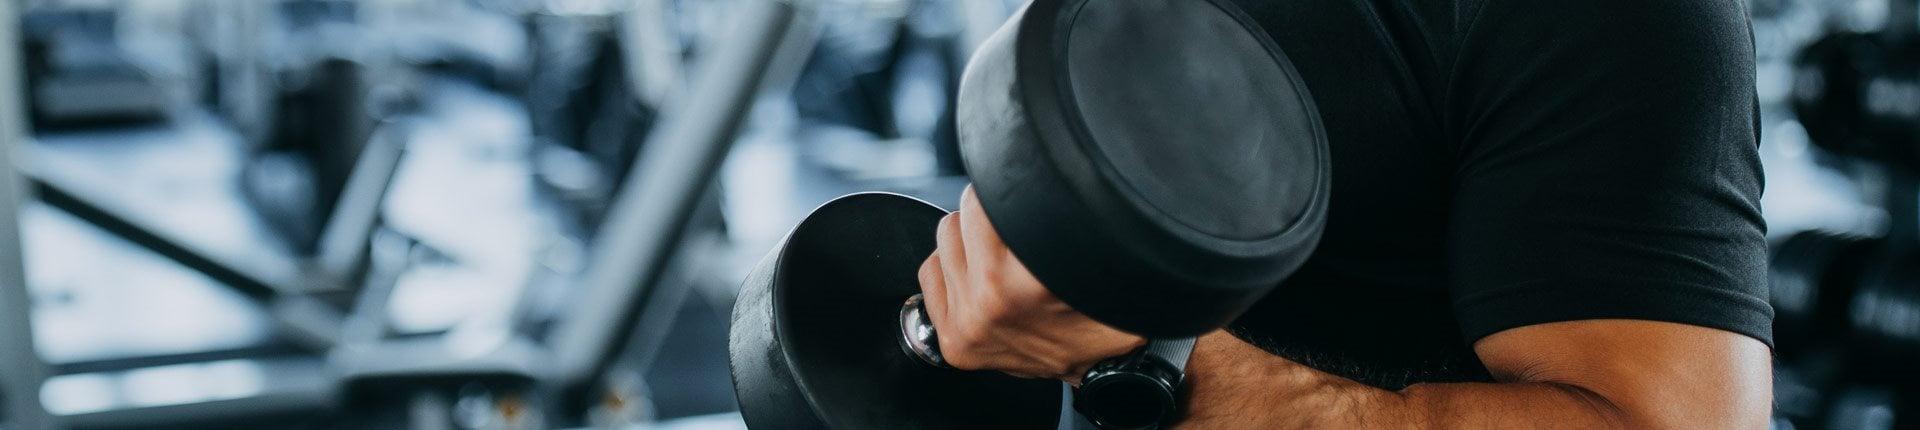 Nie możesz zwiększyć siły i masy? Czy zmiana planu treningowego pomoże?